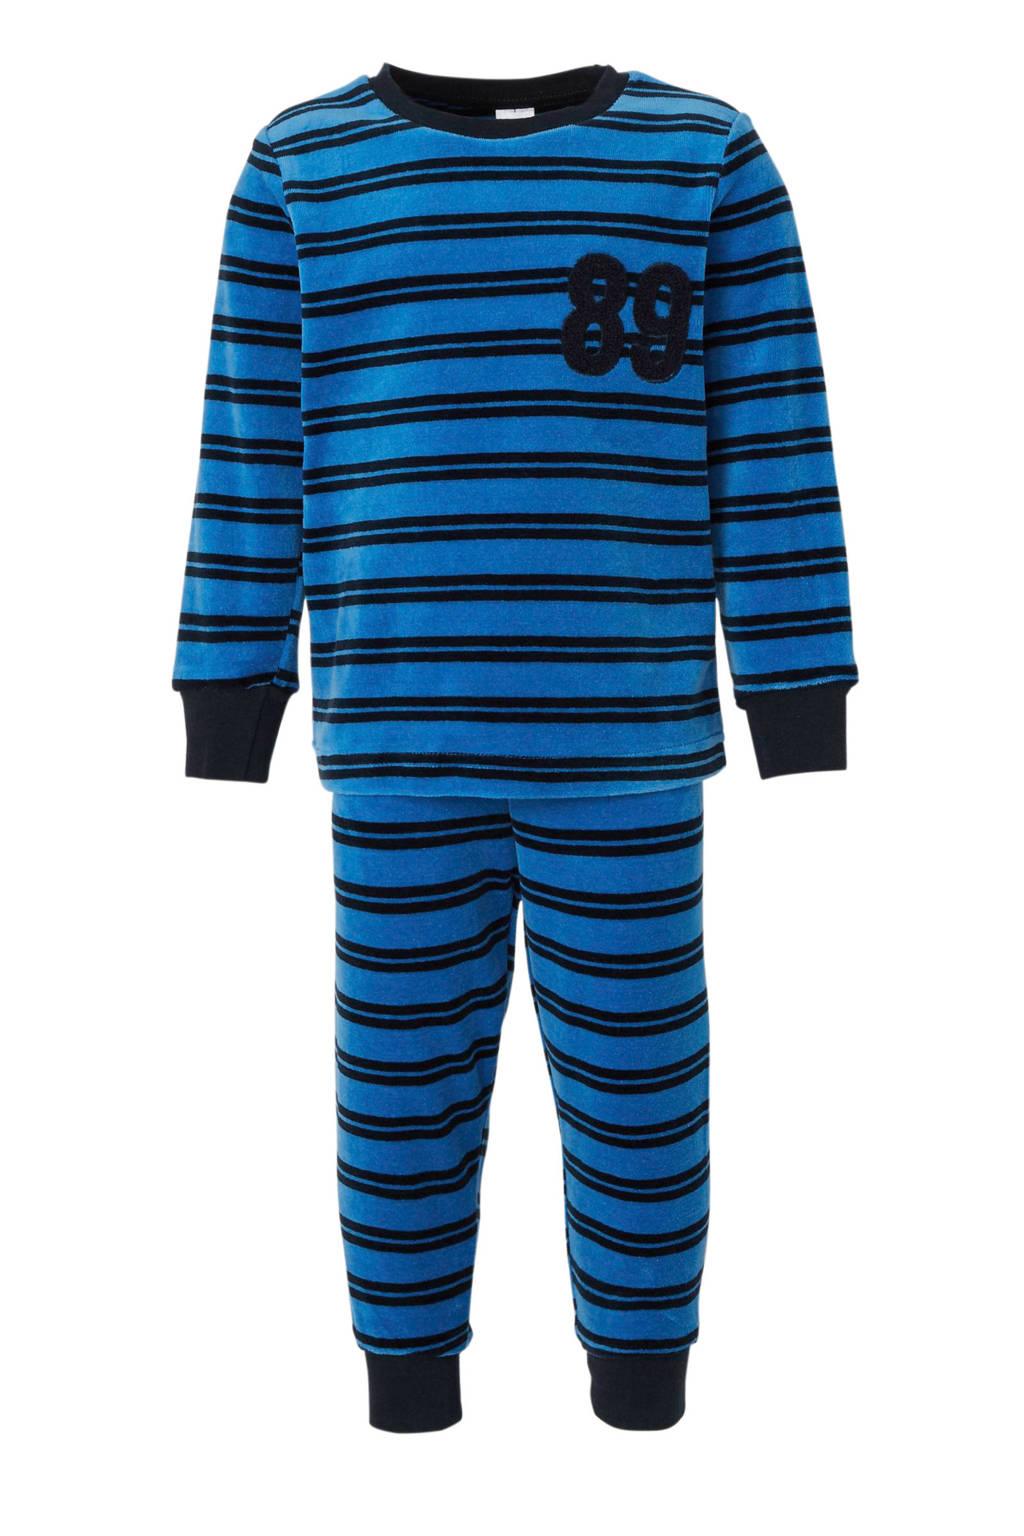 C&A Palomino   pyjama met streep print blauw/zwart, Donkerblauw/zwart